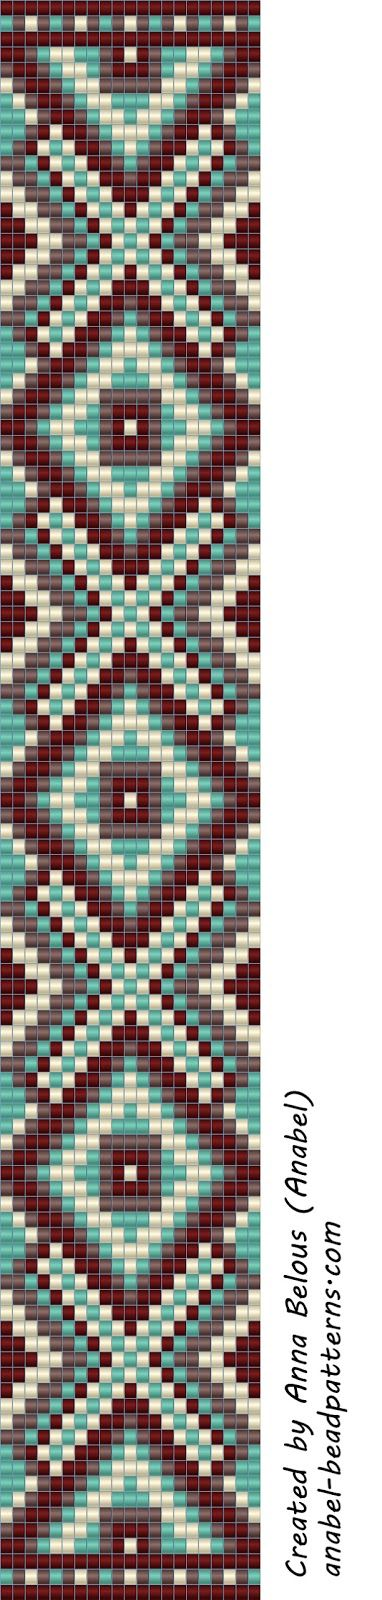 Схема браслета - станочное ткачество / гобеленовое плетение | - Схемы для бисероплетения / Free bead patterns -                                                                                                                                                     More